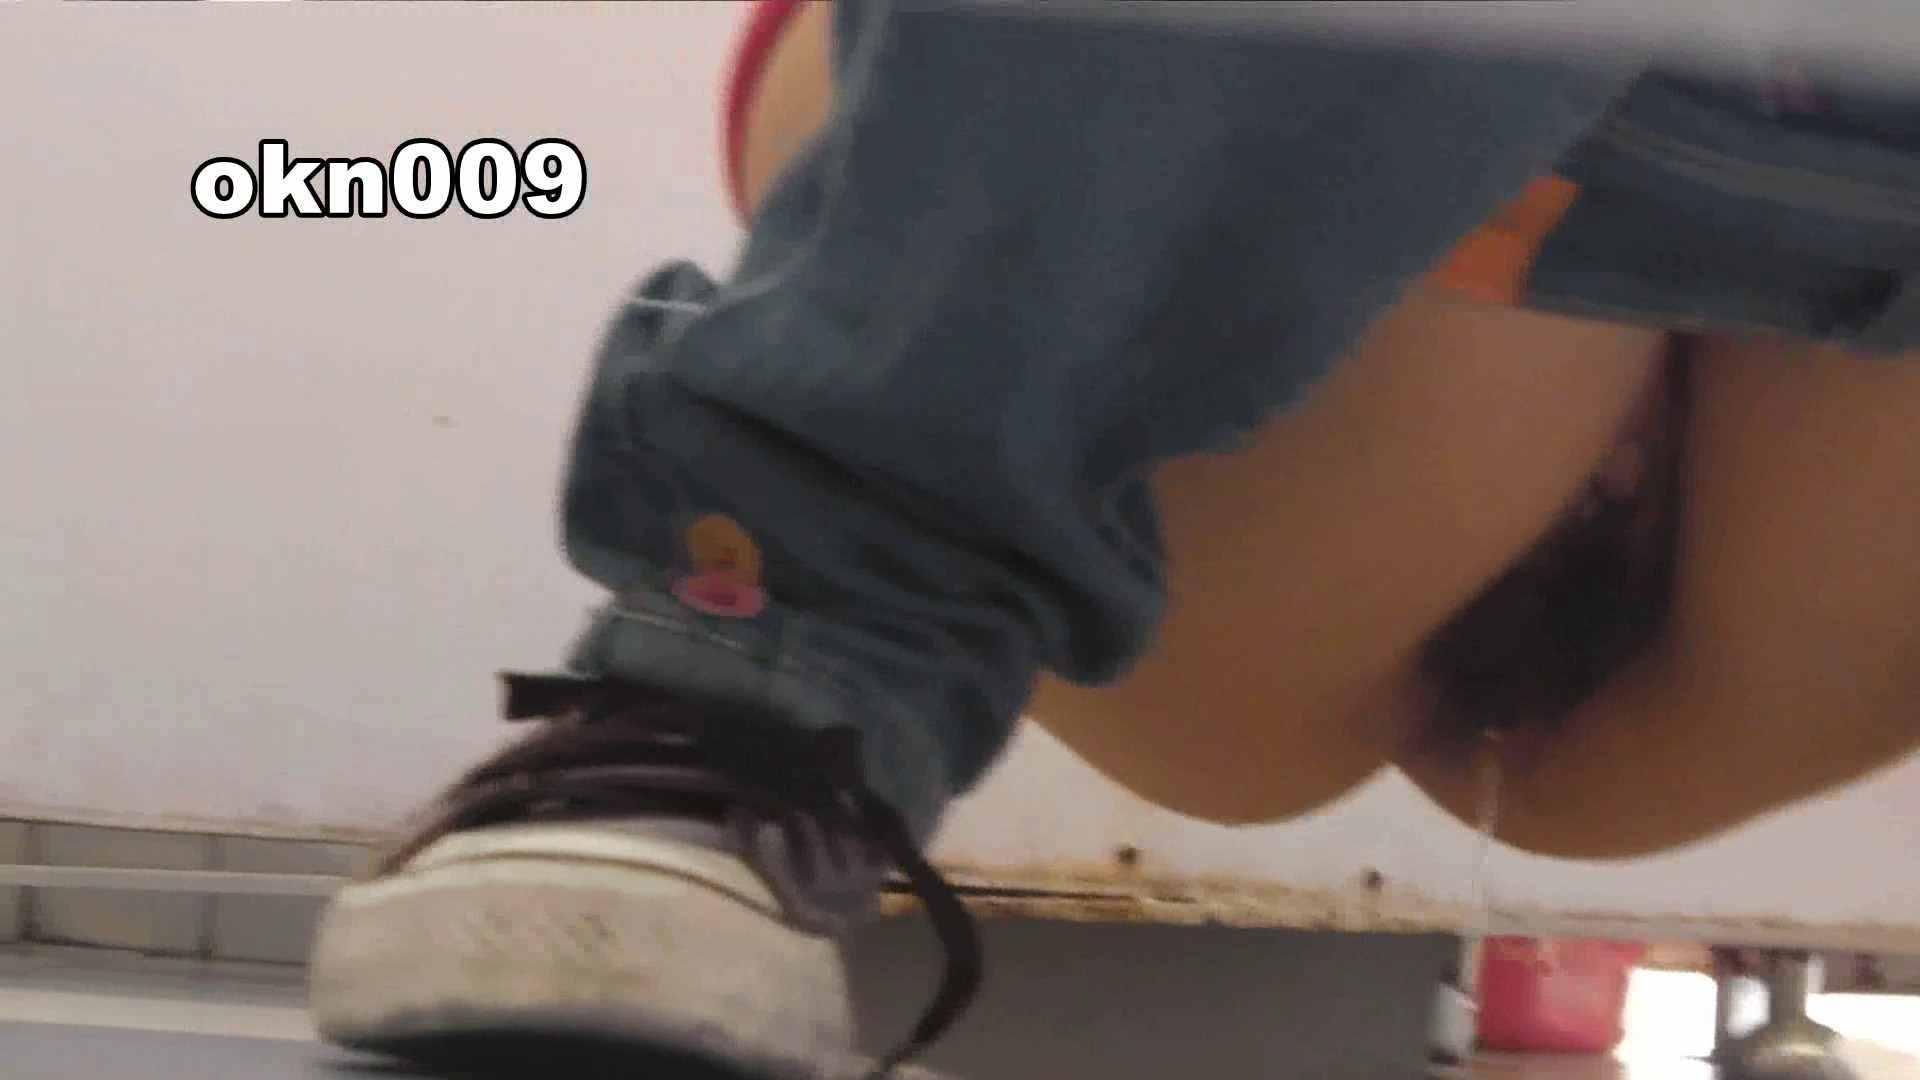 下からノゾム vol.009 リキンでモリアガった割にヒョロ 丸見え おまんこ無修正動画無料 72画像 42